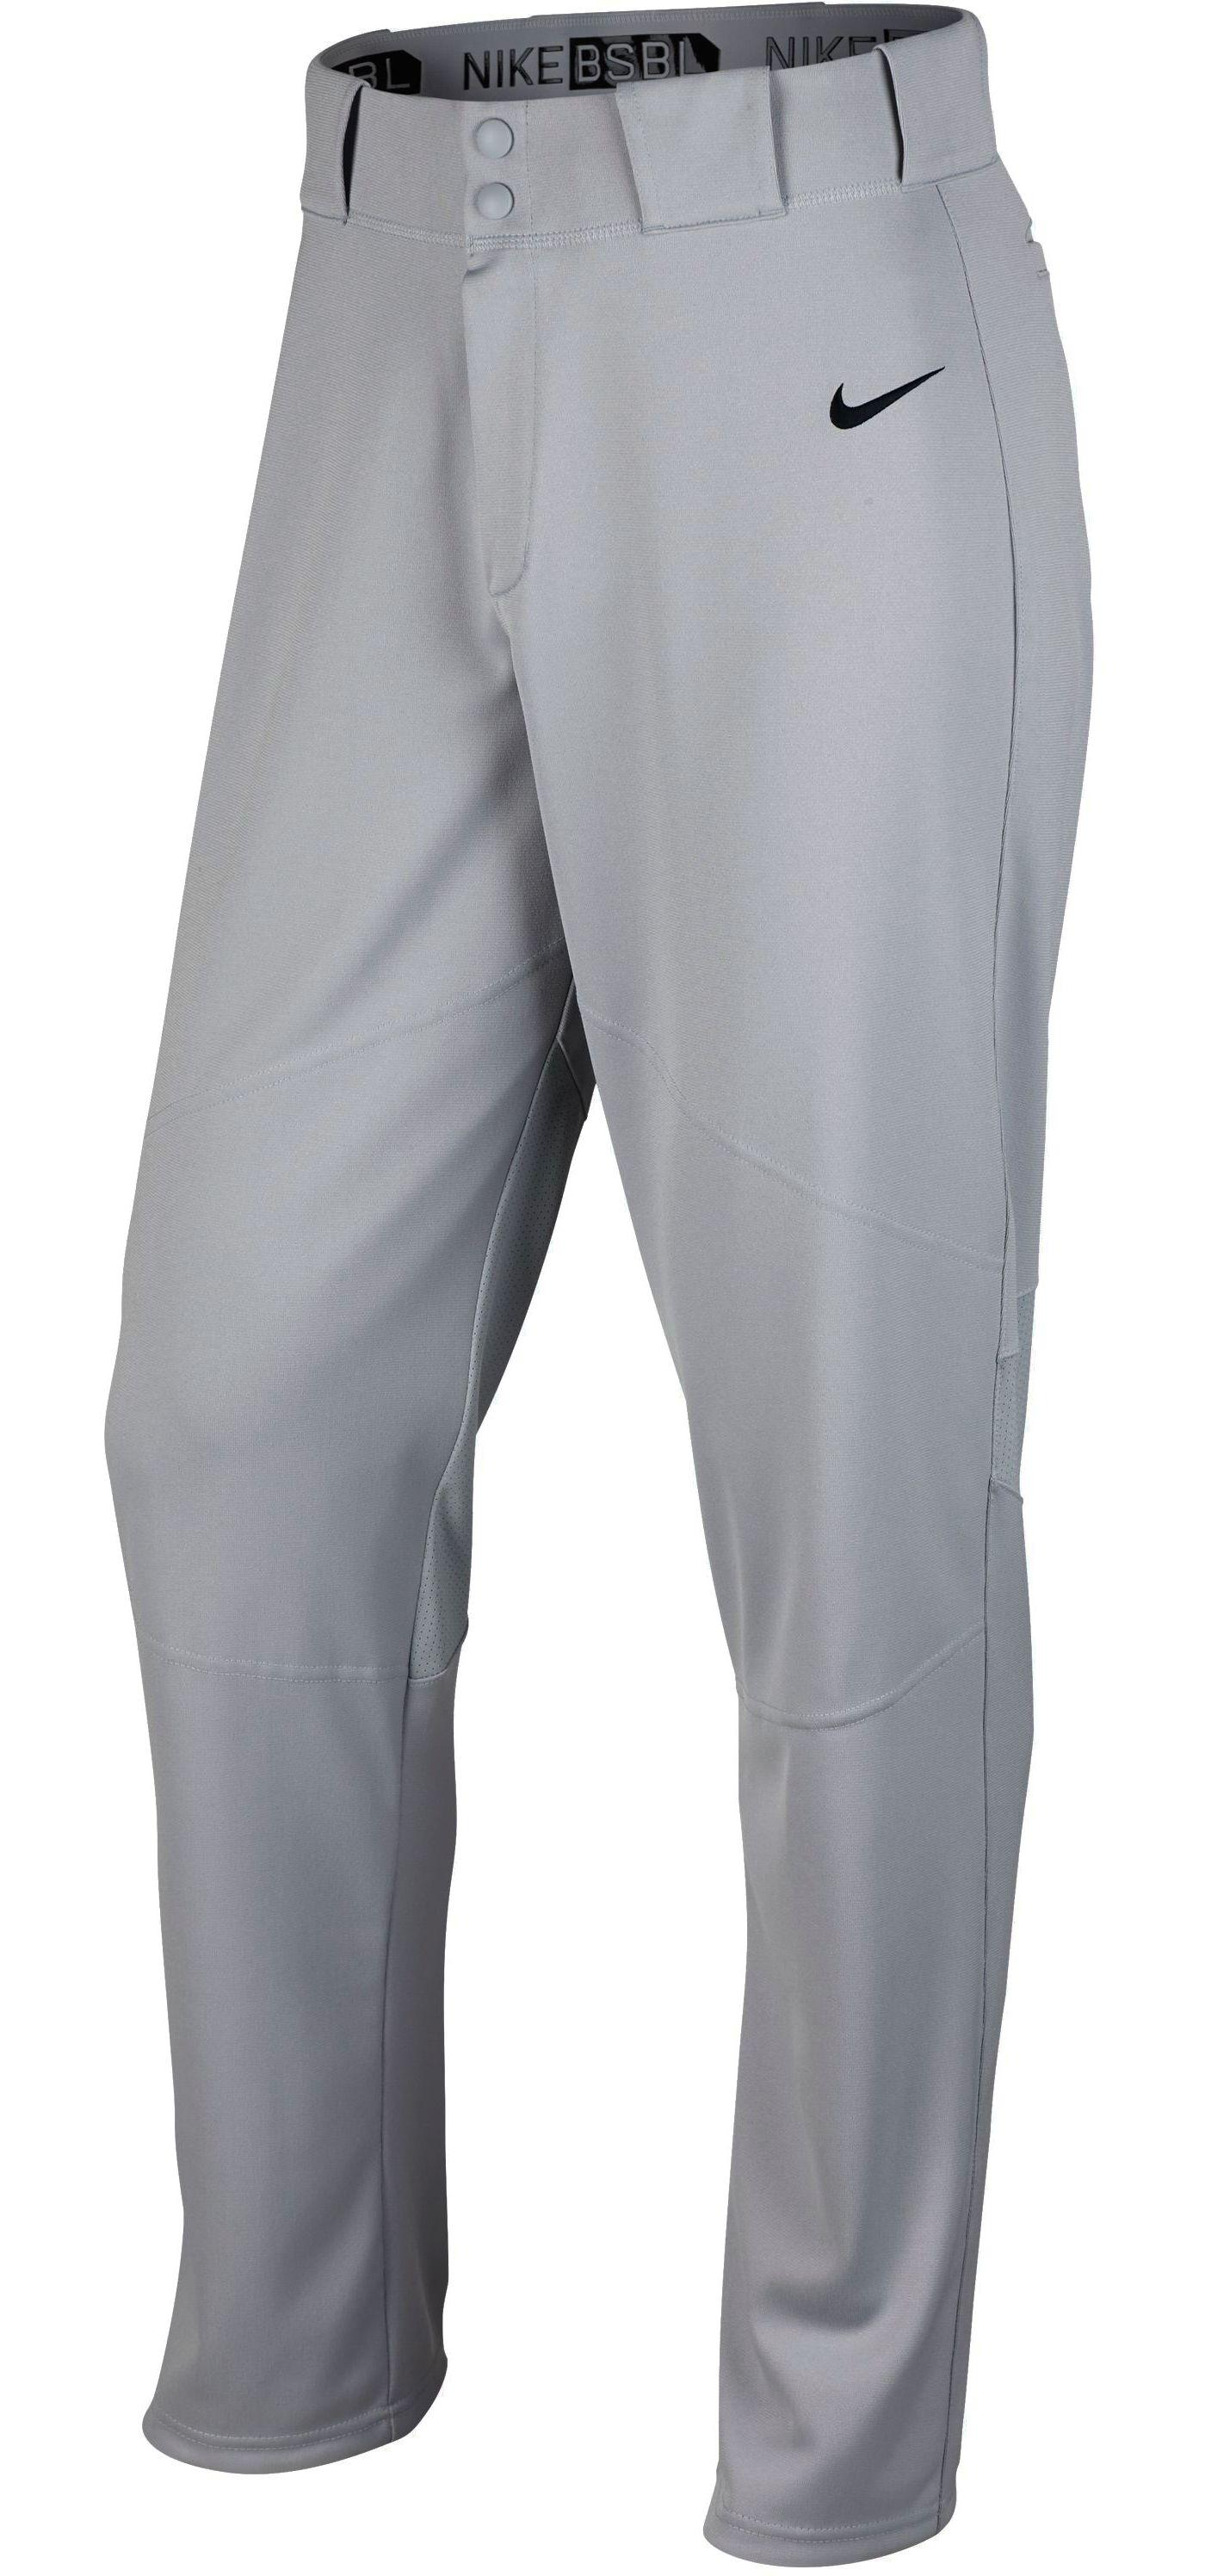 Nike Boys' Pro Vapor Baseball Pants